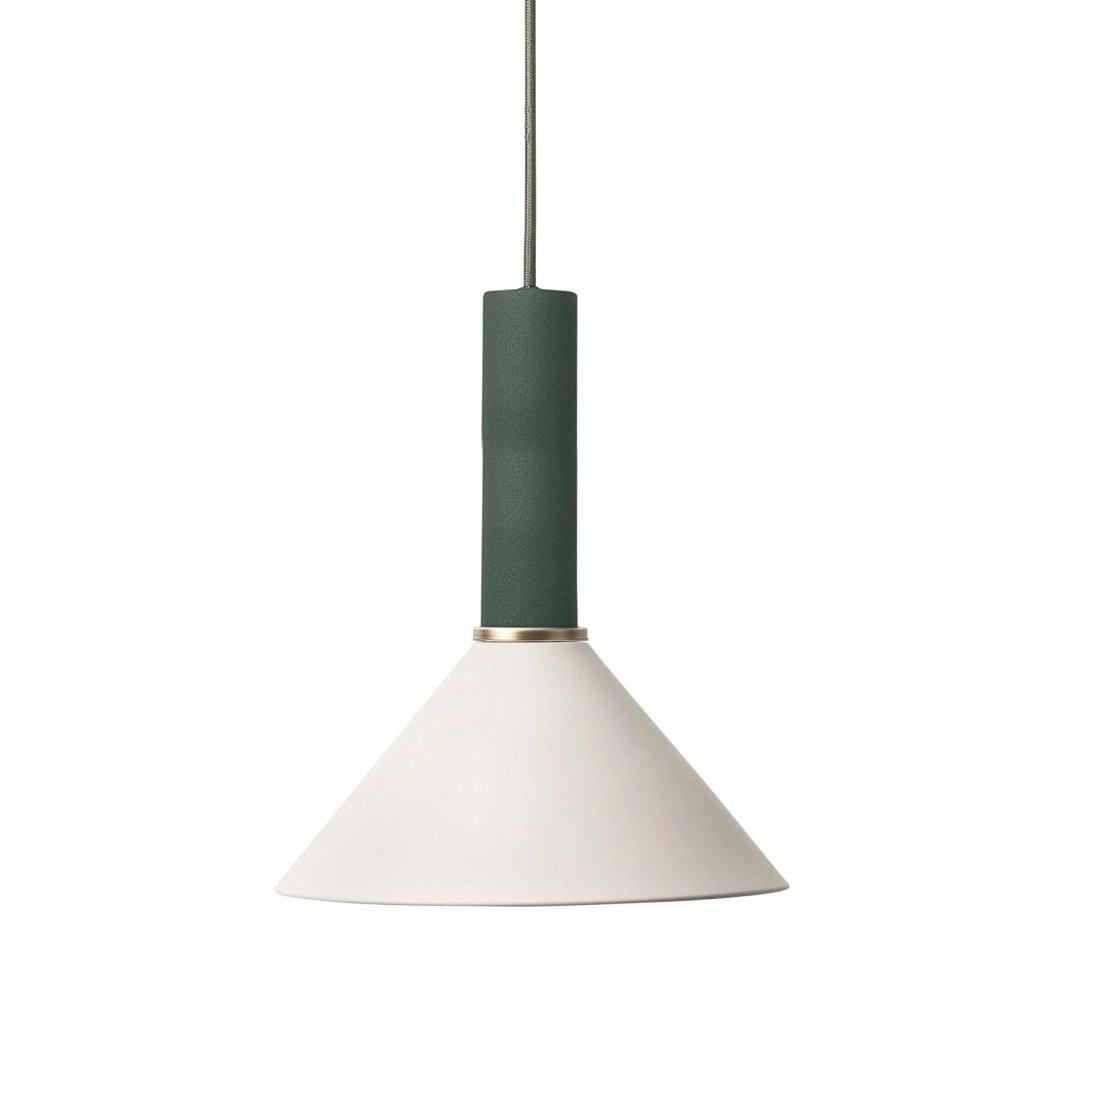 Ferm Living Collect Cone High Hanglamp Donkergroen Lichtgrijs